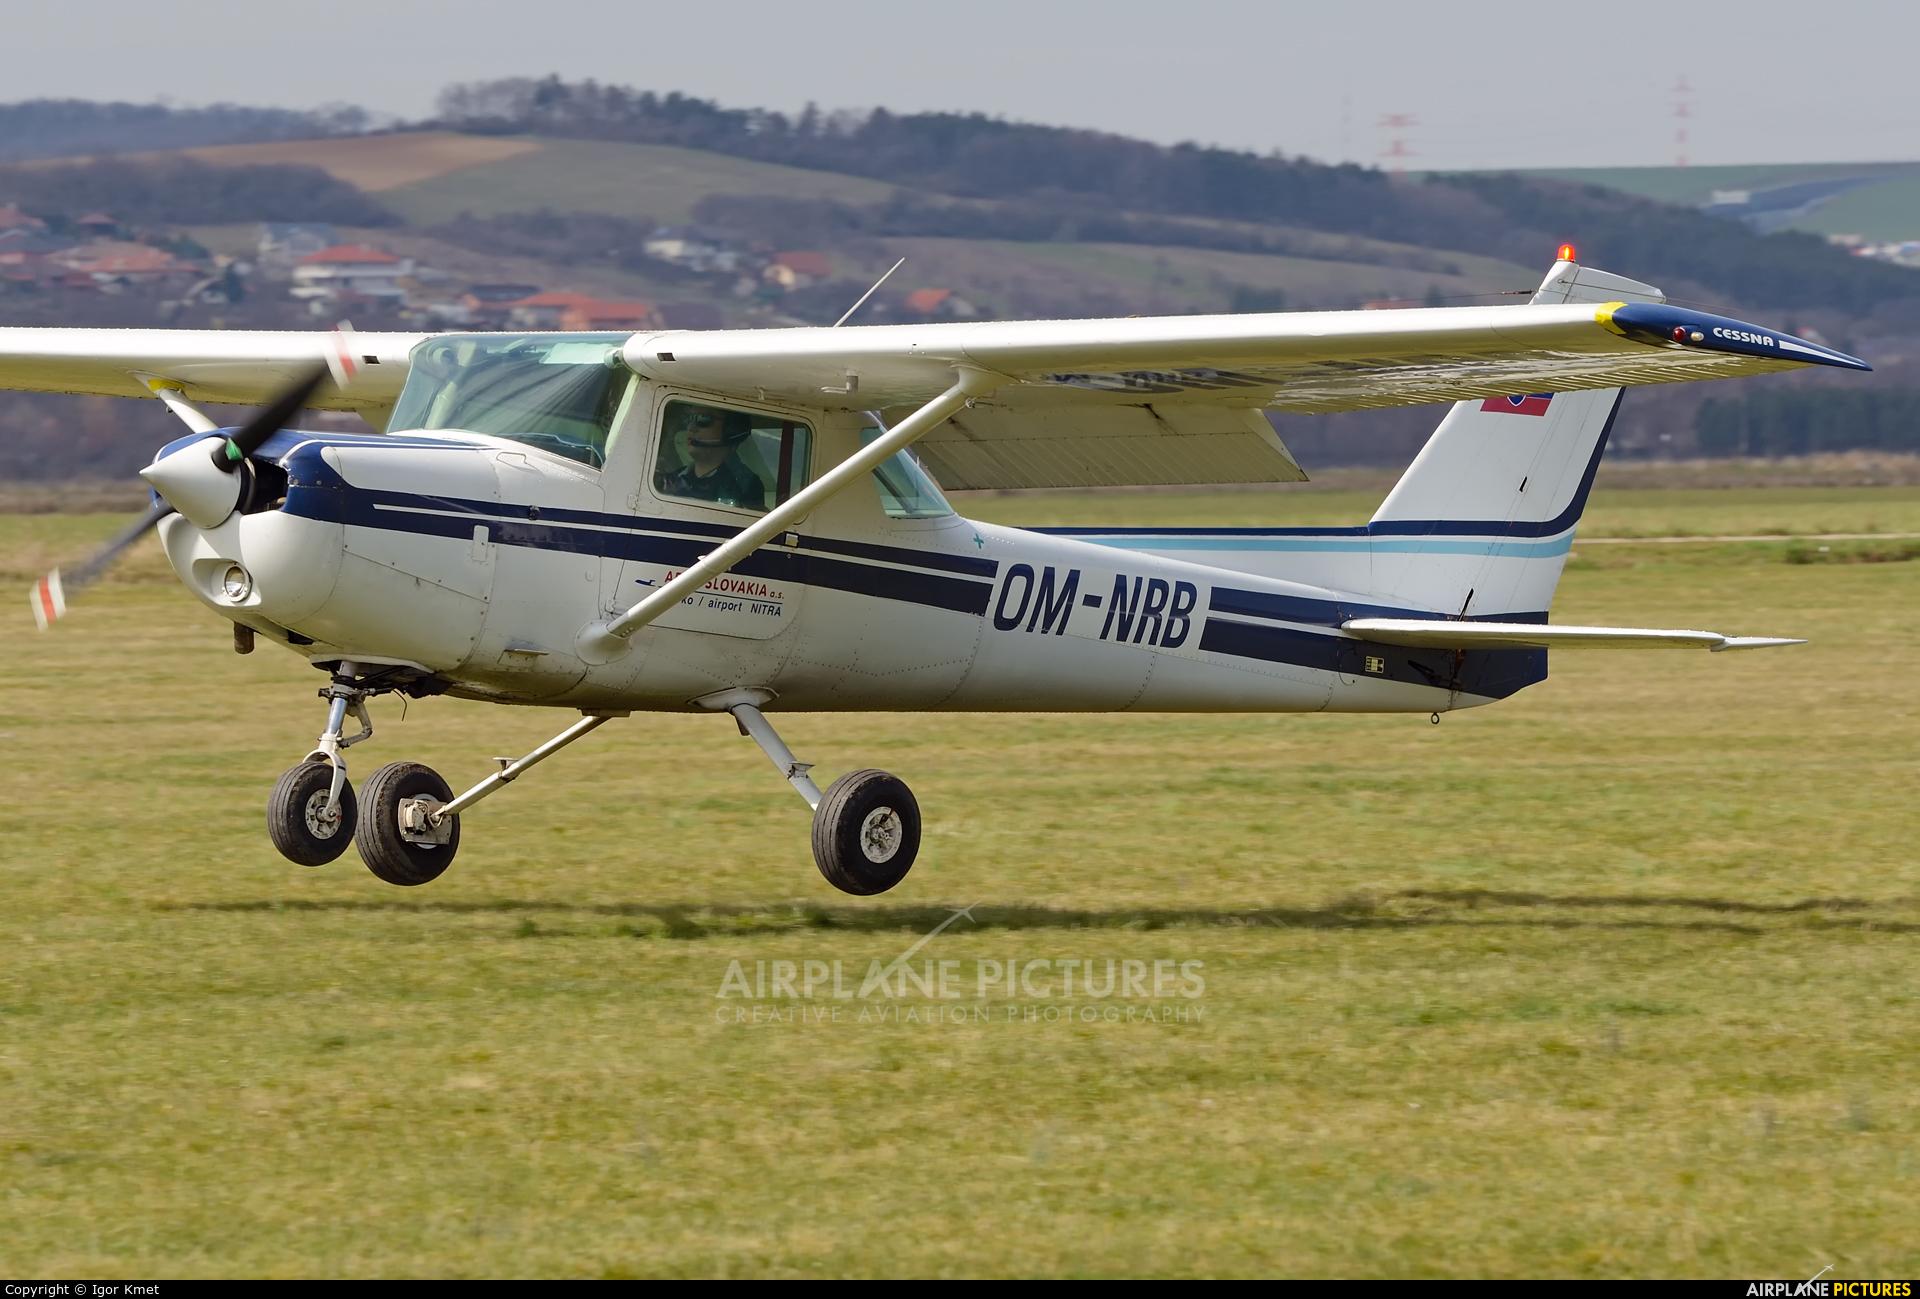 Aero Slovakia OM-NRB aircraft at Nitra